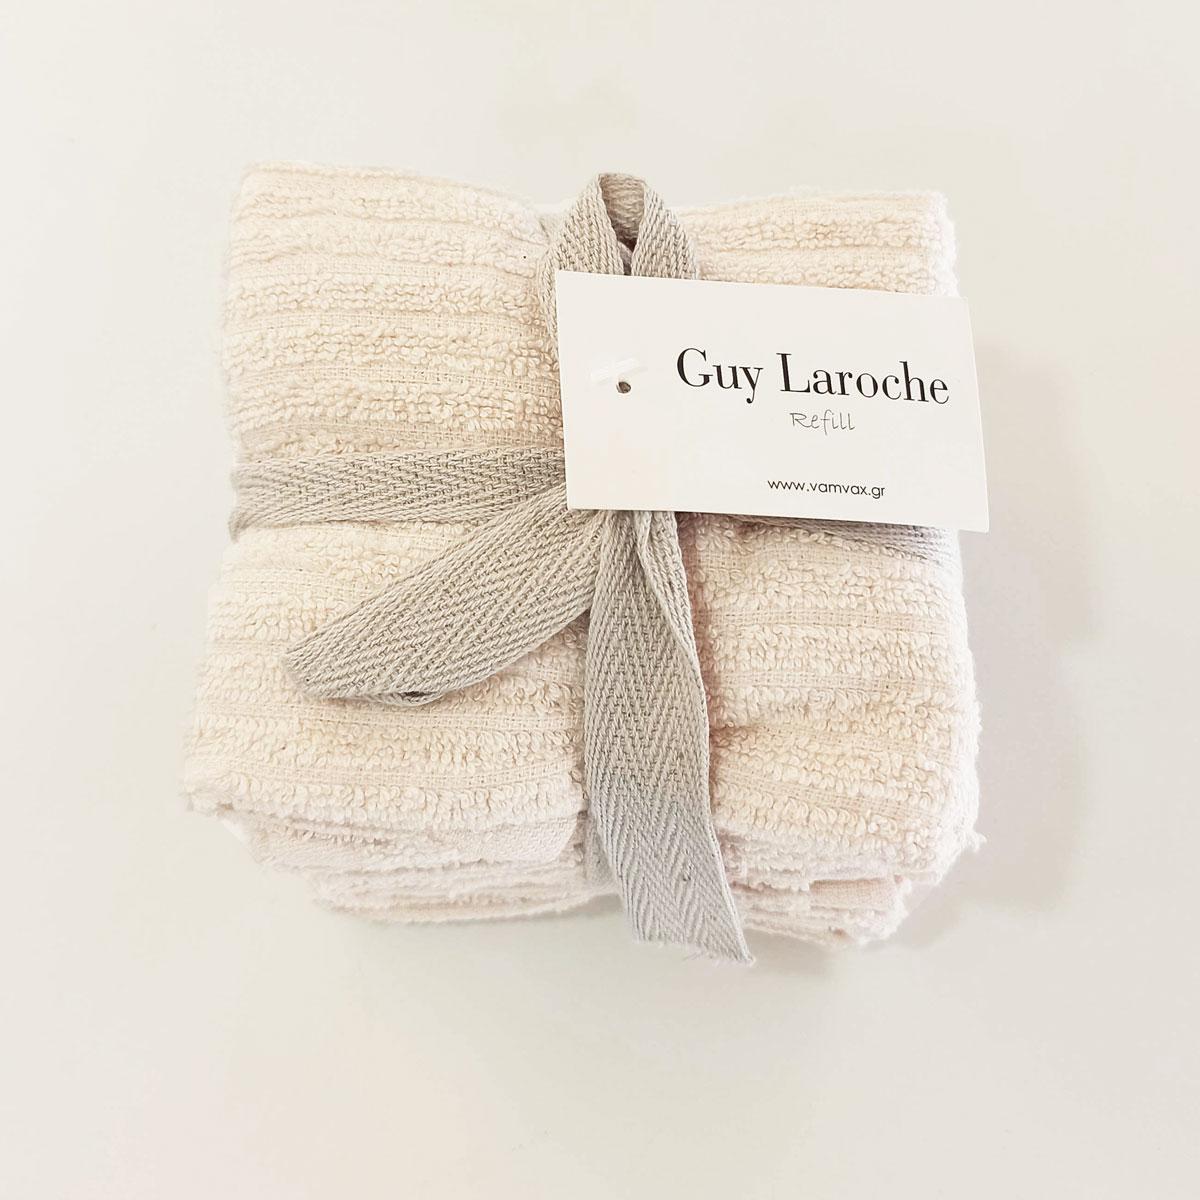 Λαβέτες (Σετ 6τμχ) Guy Laroche Guest Refill Perla